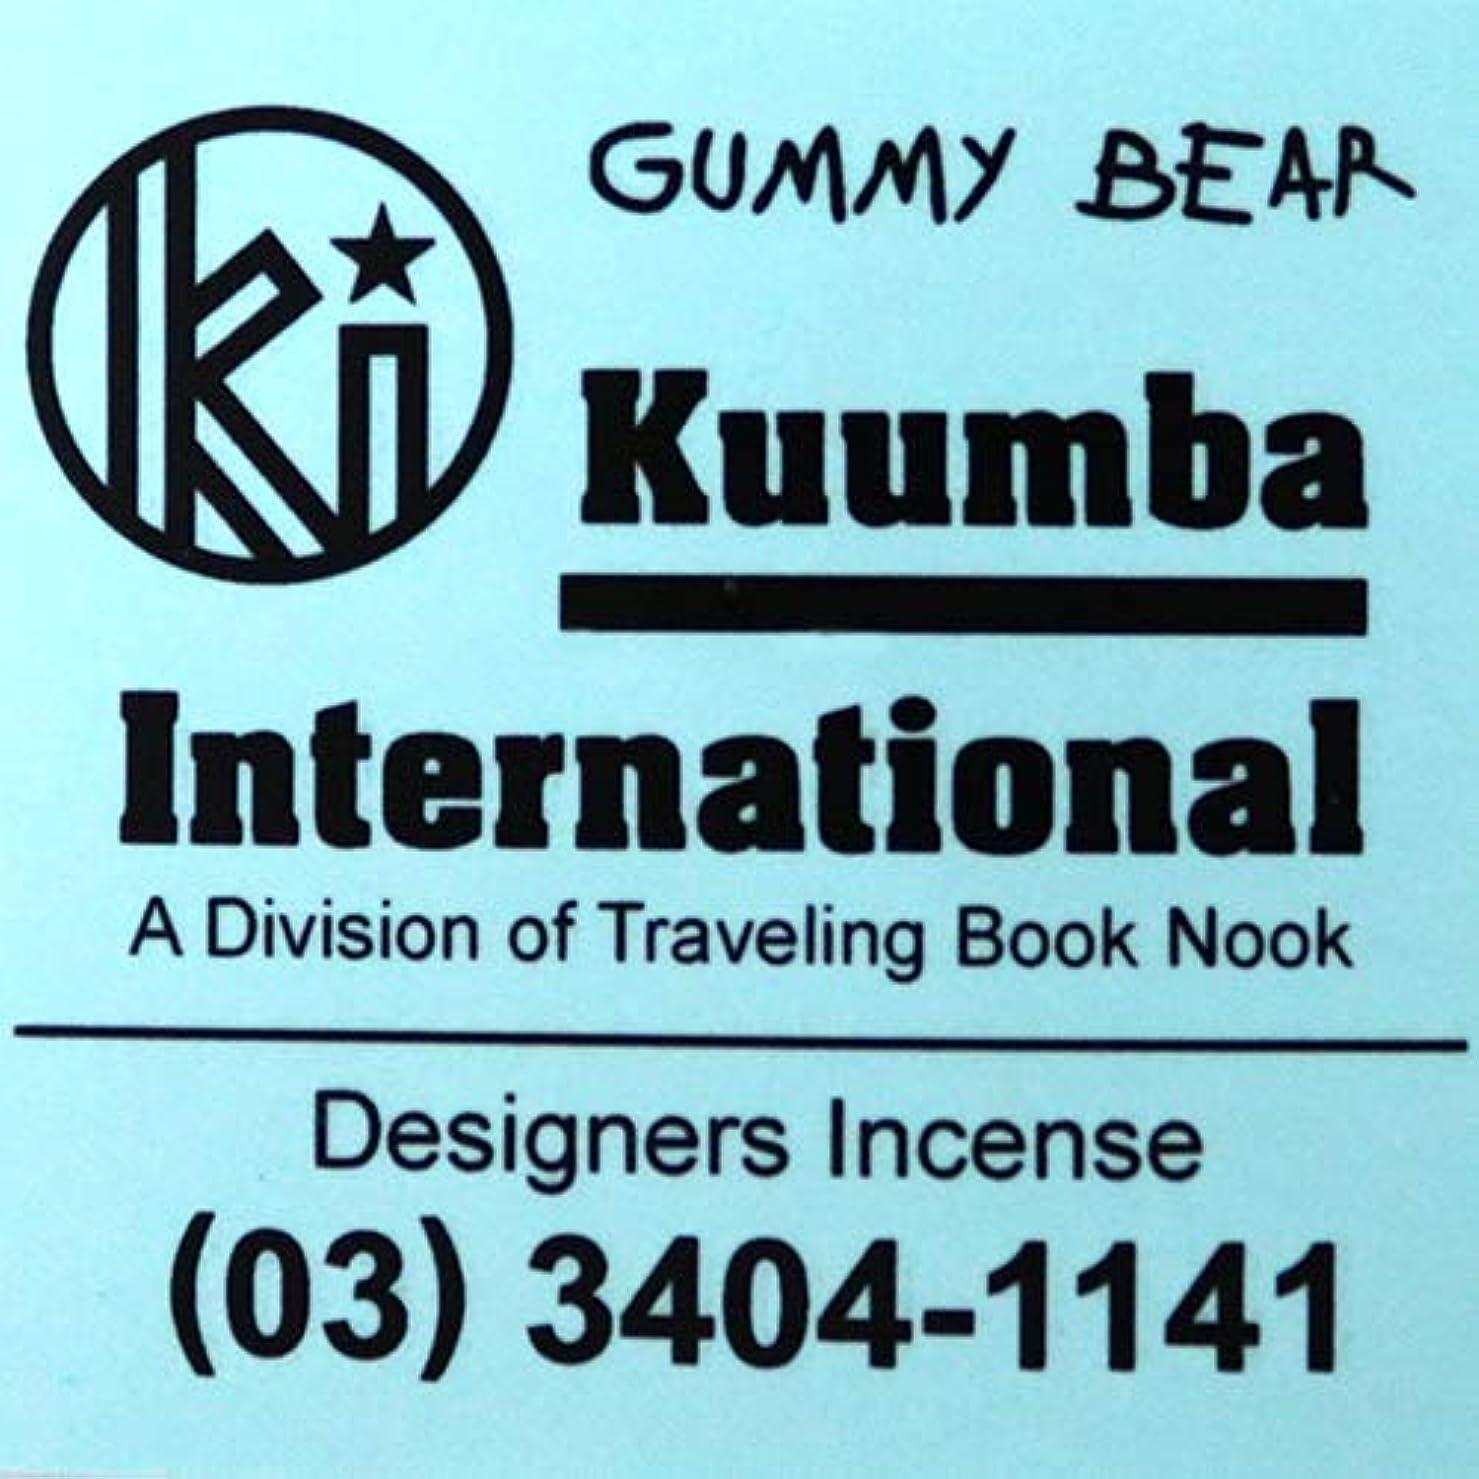 リダクター心臓お気に入り(クンバ) KUUMBA『incense』(GUMMY BEAR) (GUMMY BEAR, Regular size)